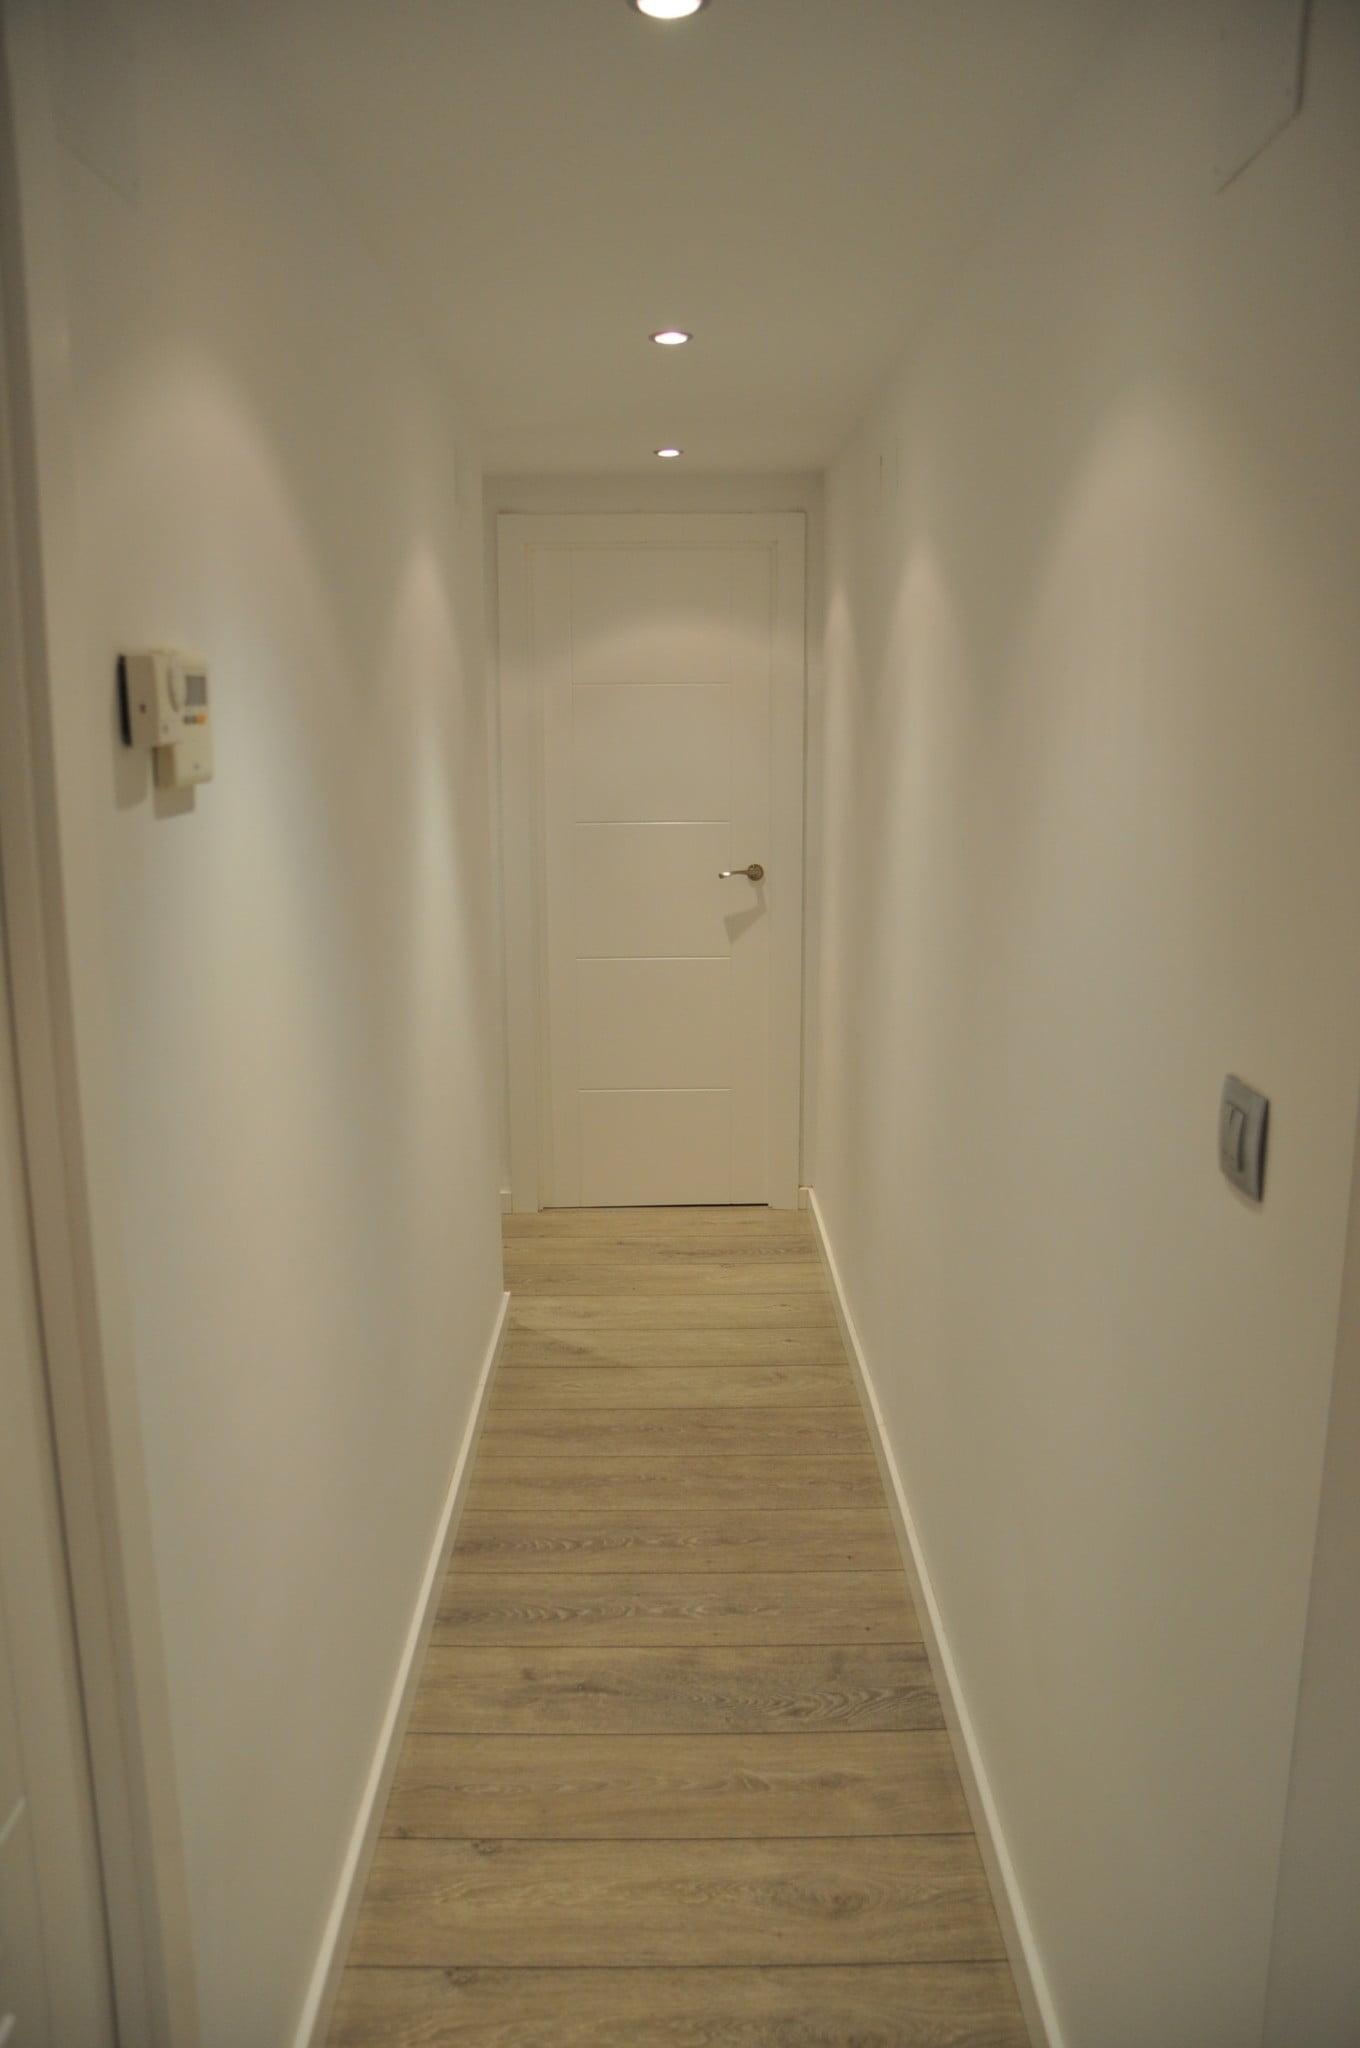 Reforma intregal piso zaragoza paseo rosales actur3000 - Reformas de pisos en zaragoza ...